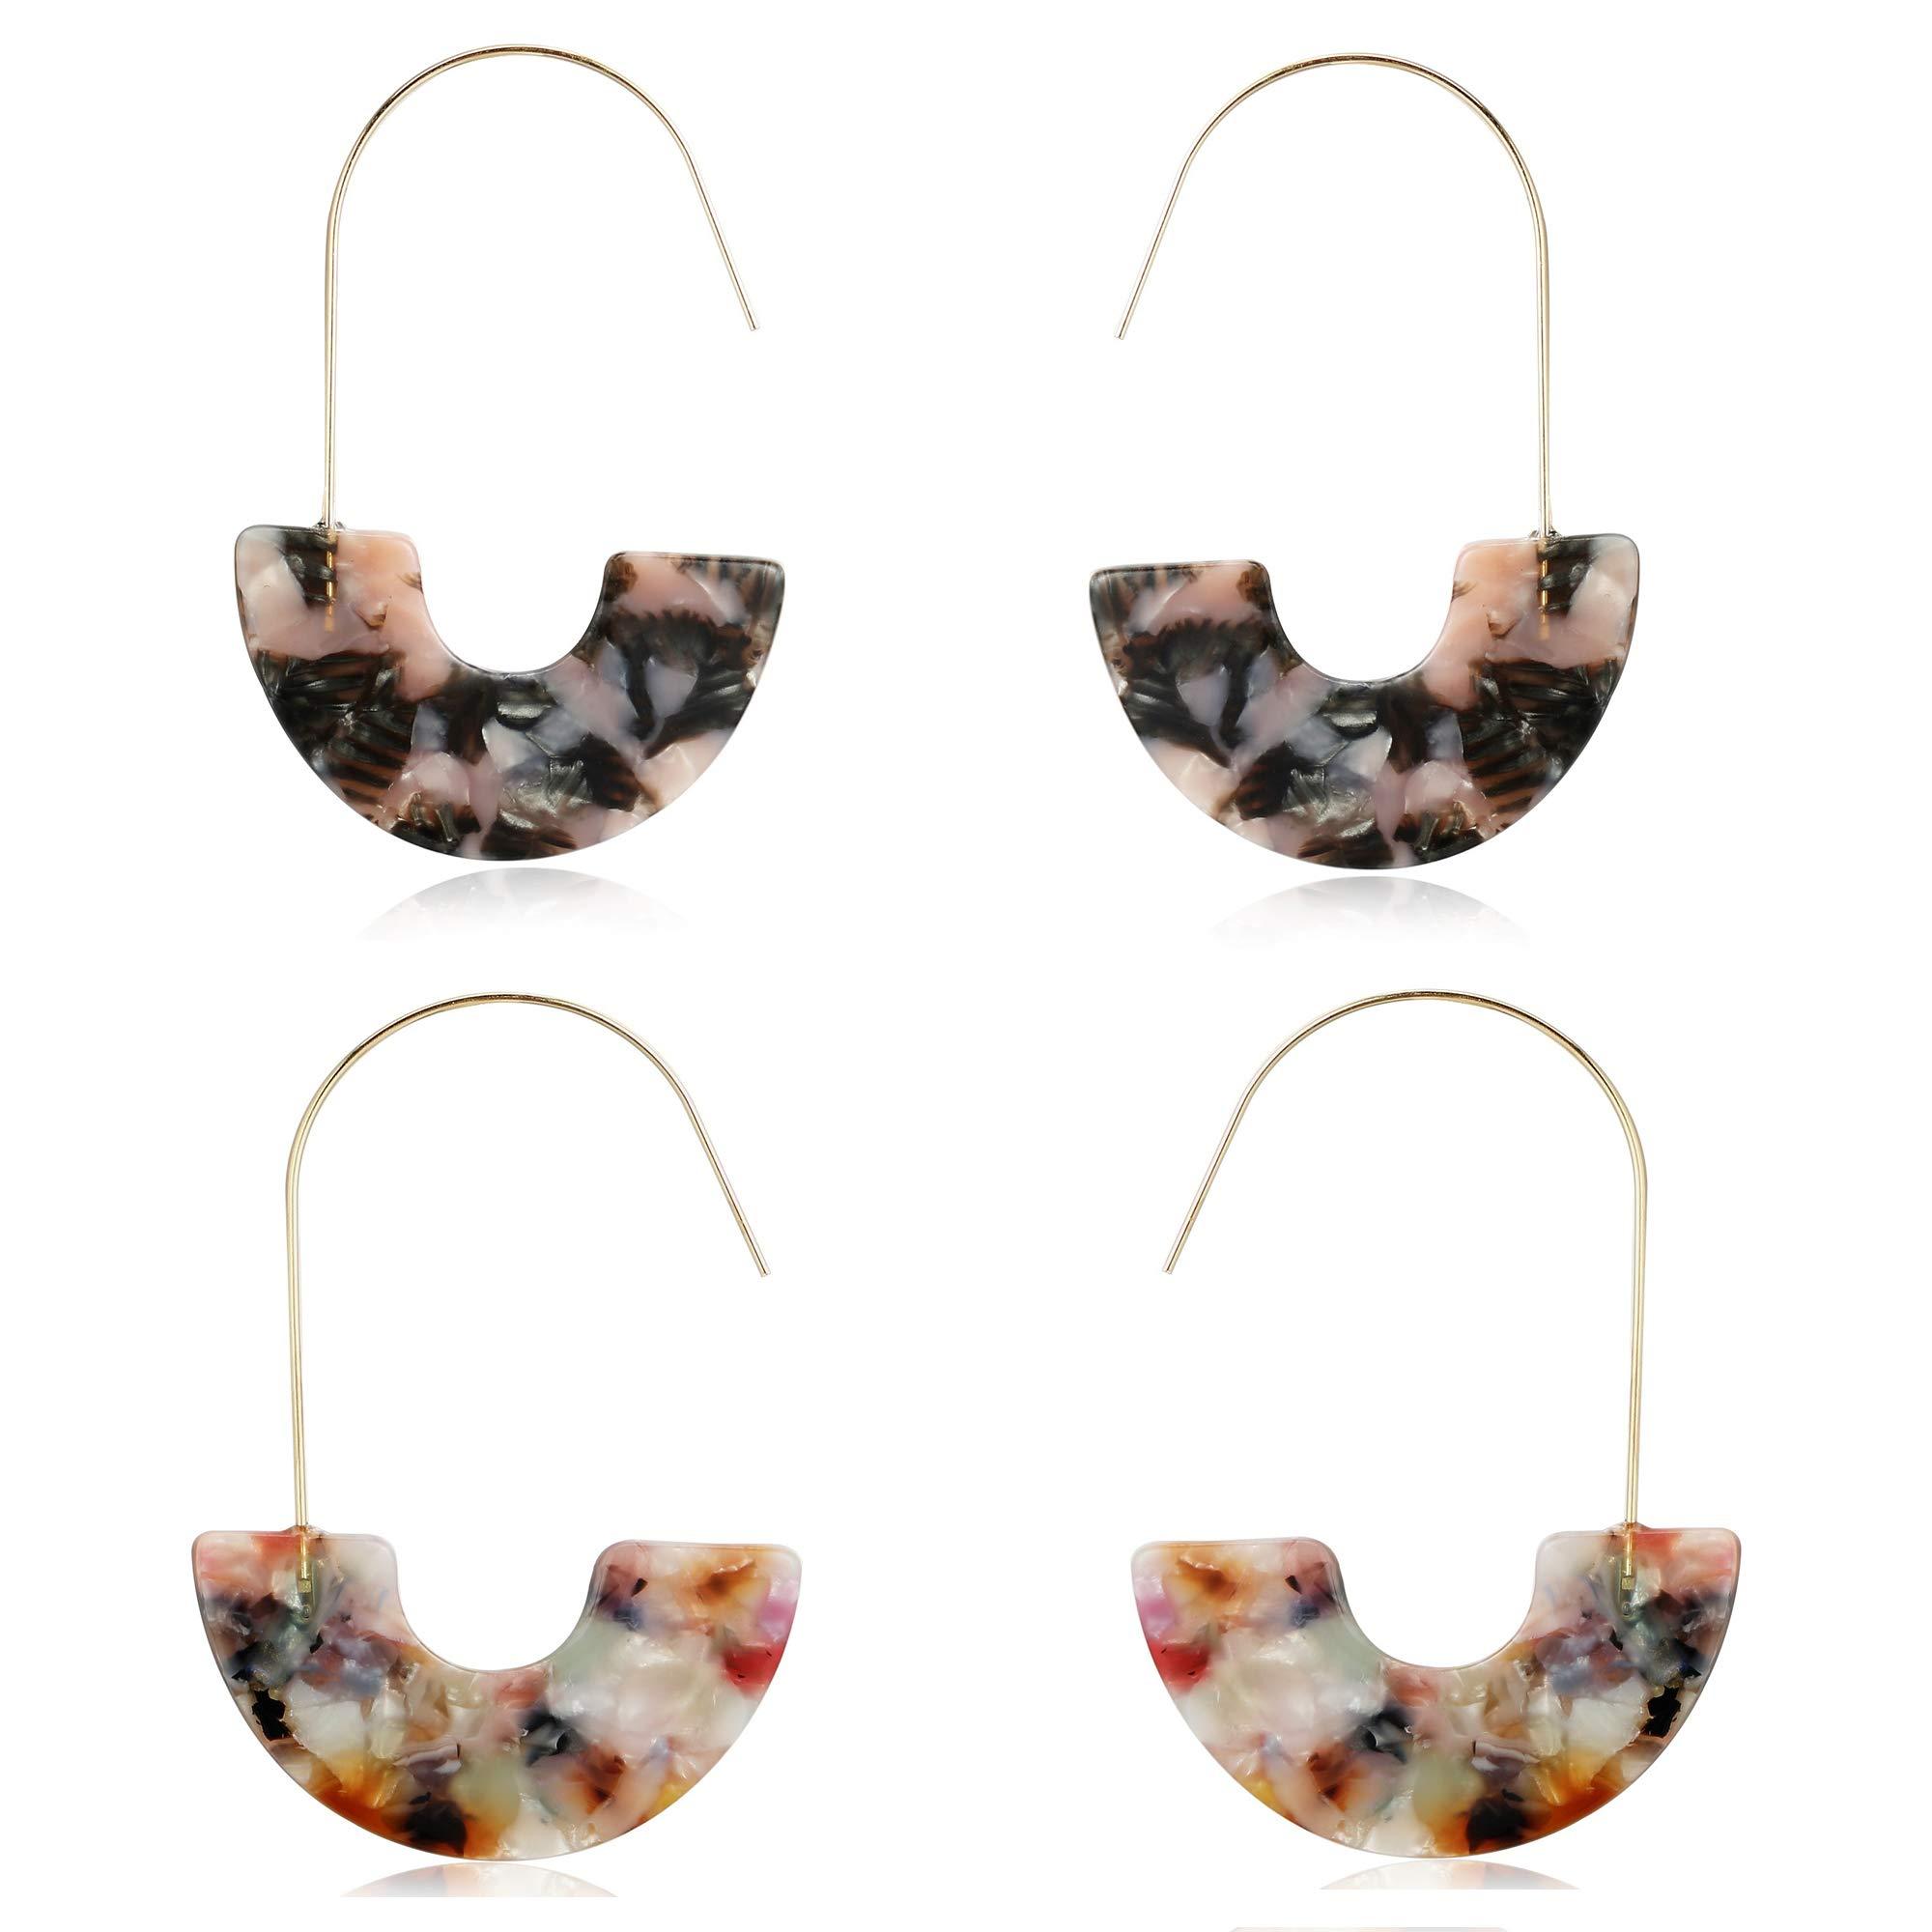 MVCOLEDY Acrylic Earrings Bohemian Style Drop Dangle Earrings Resin Earrings for Women Fashion Jewelry (Floral)